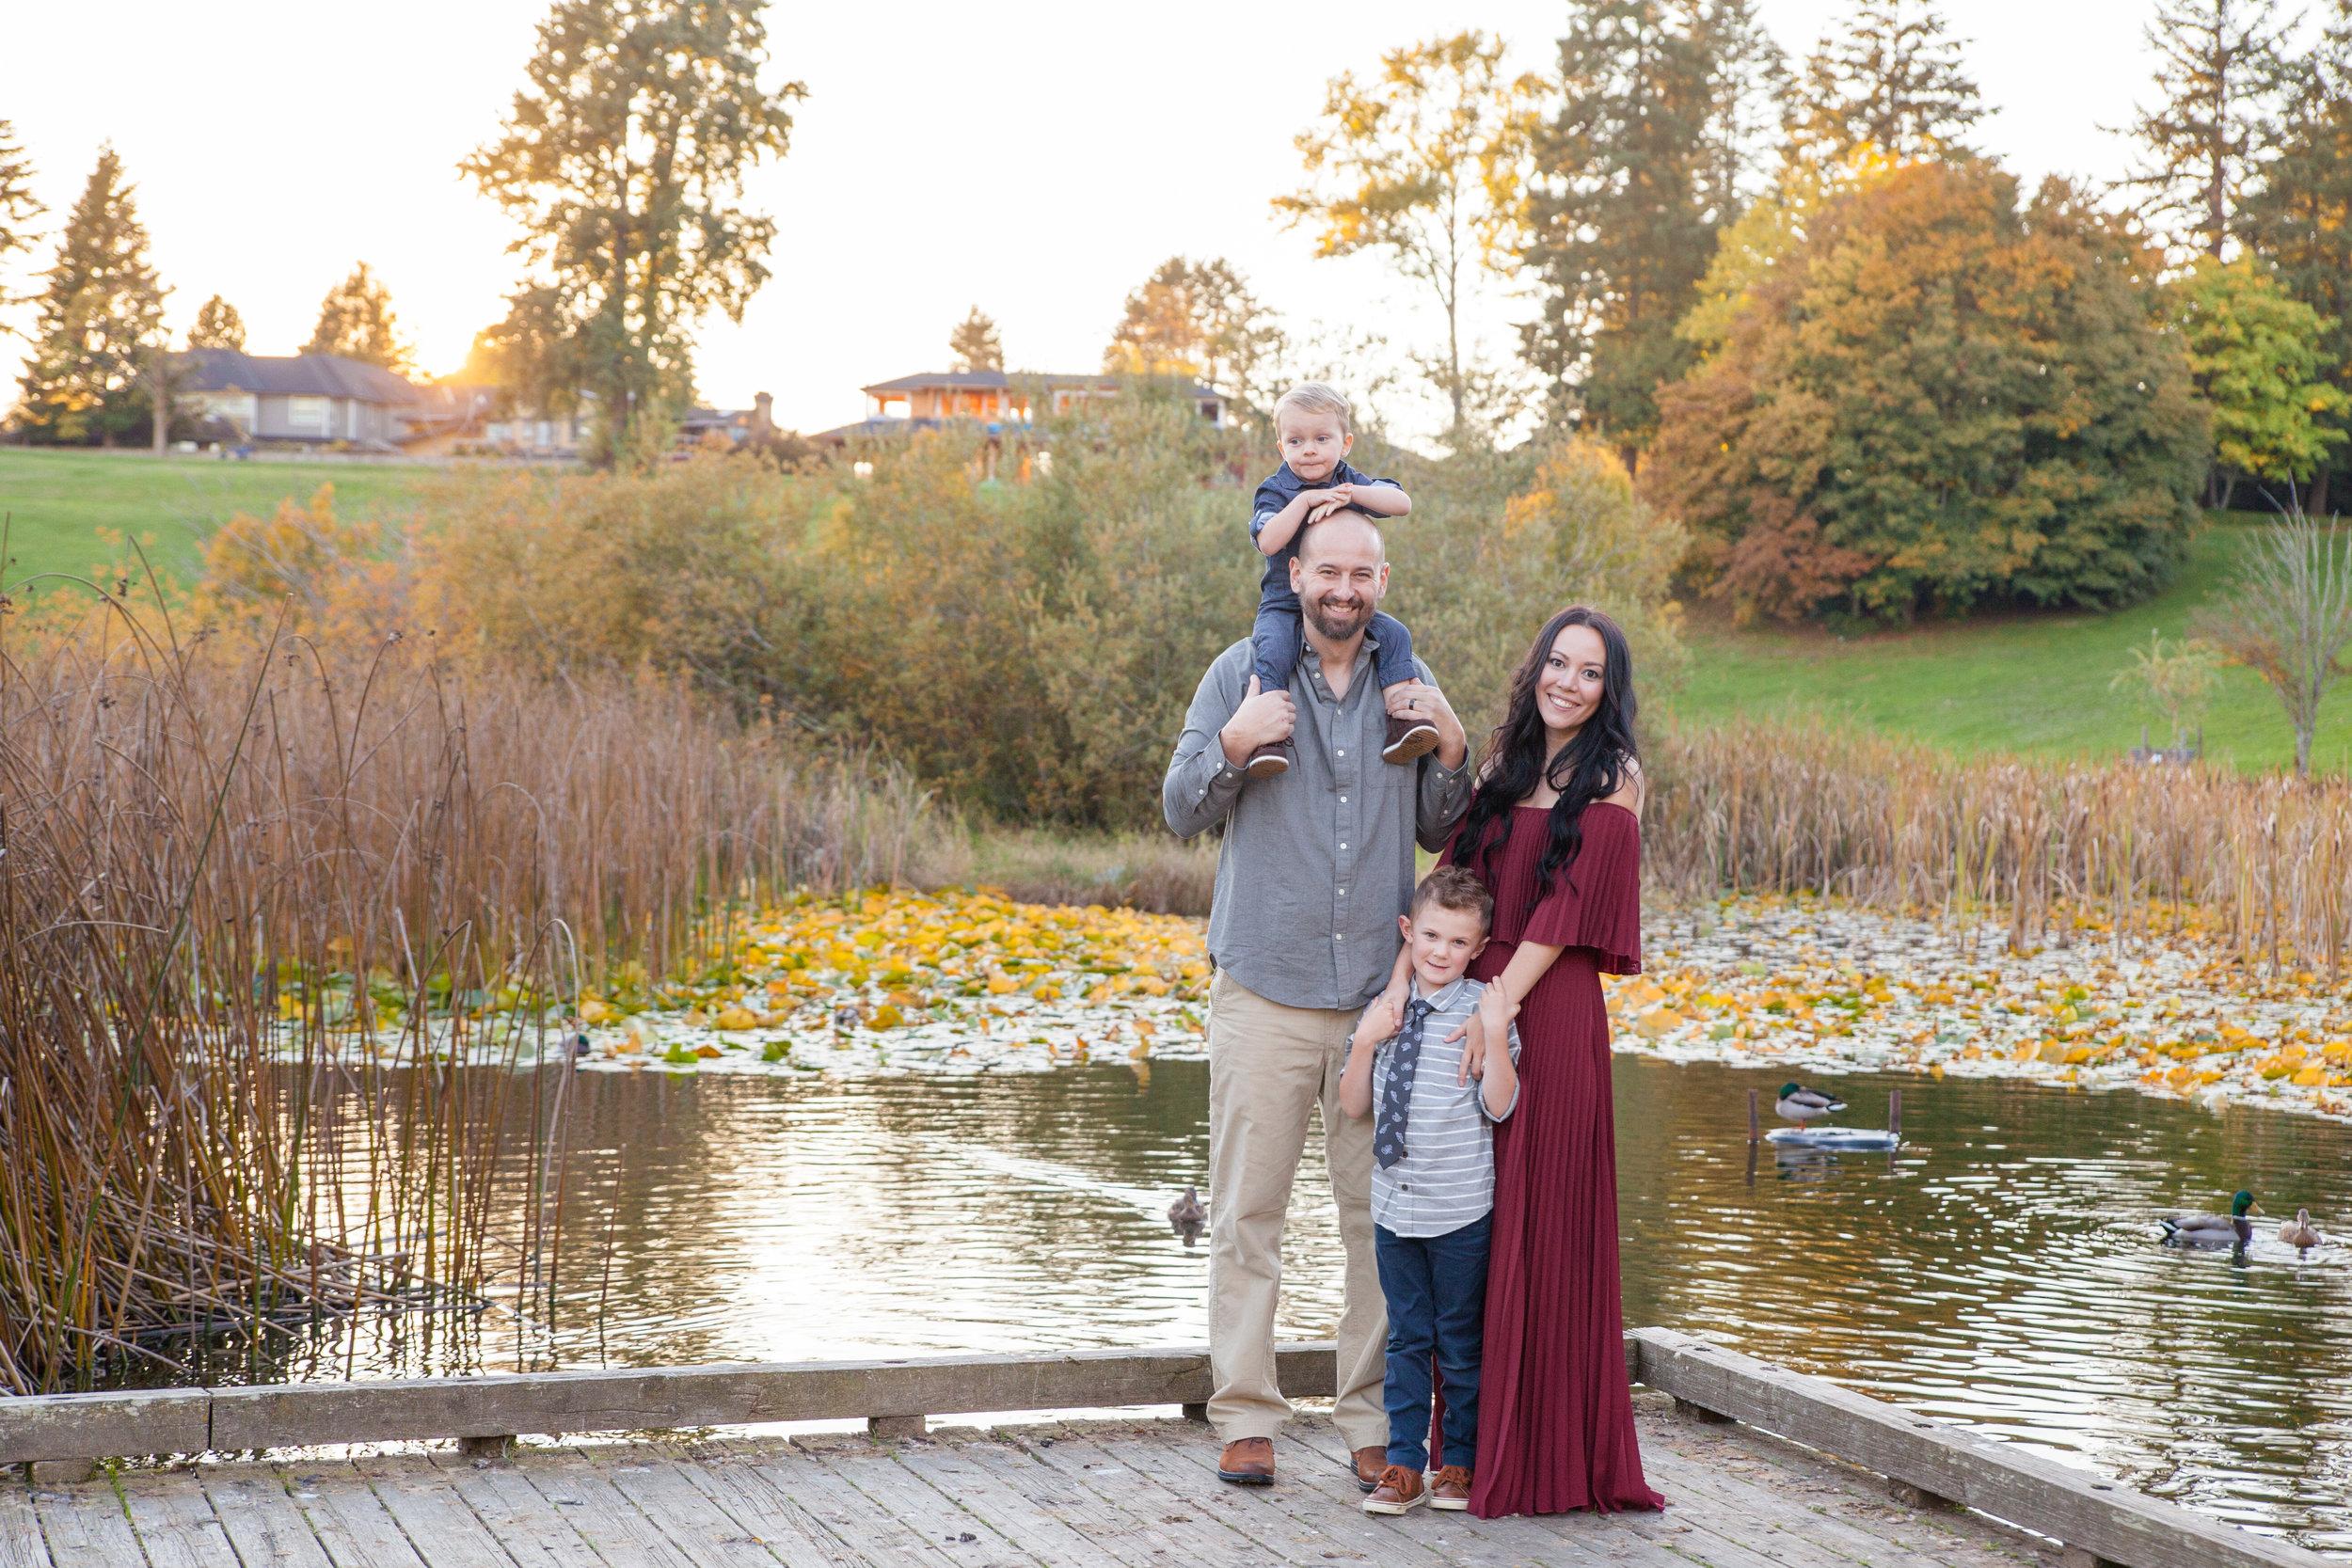 Diefenbaker Park Family Photos 2018-17.jpg